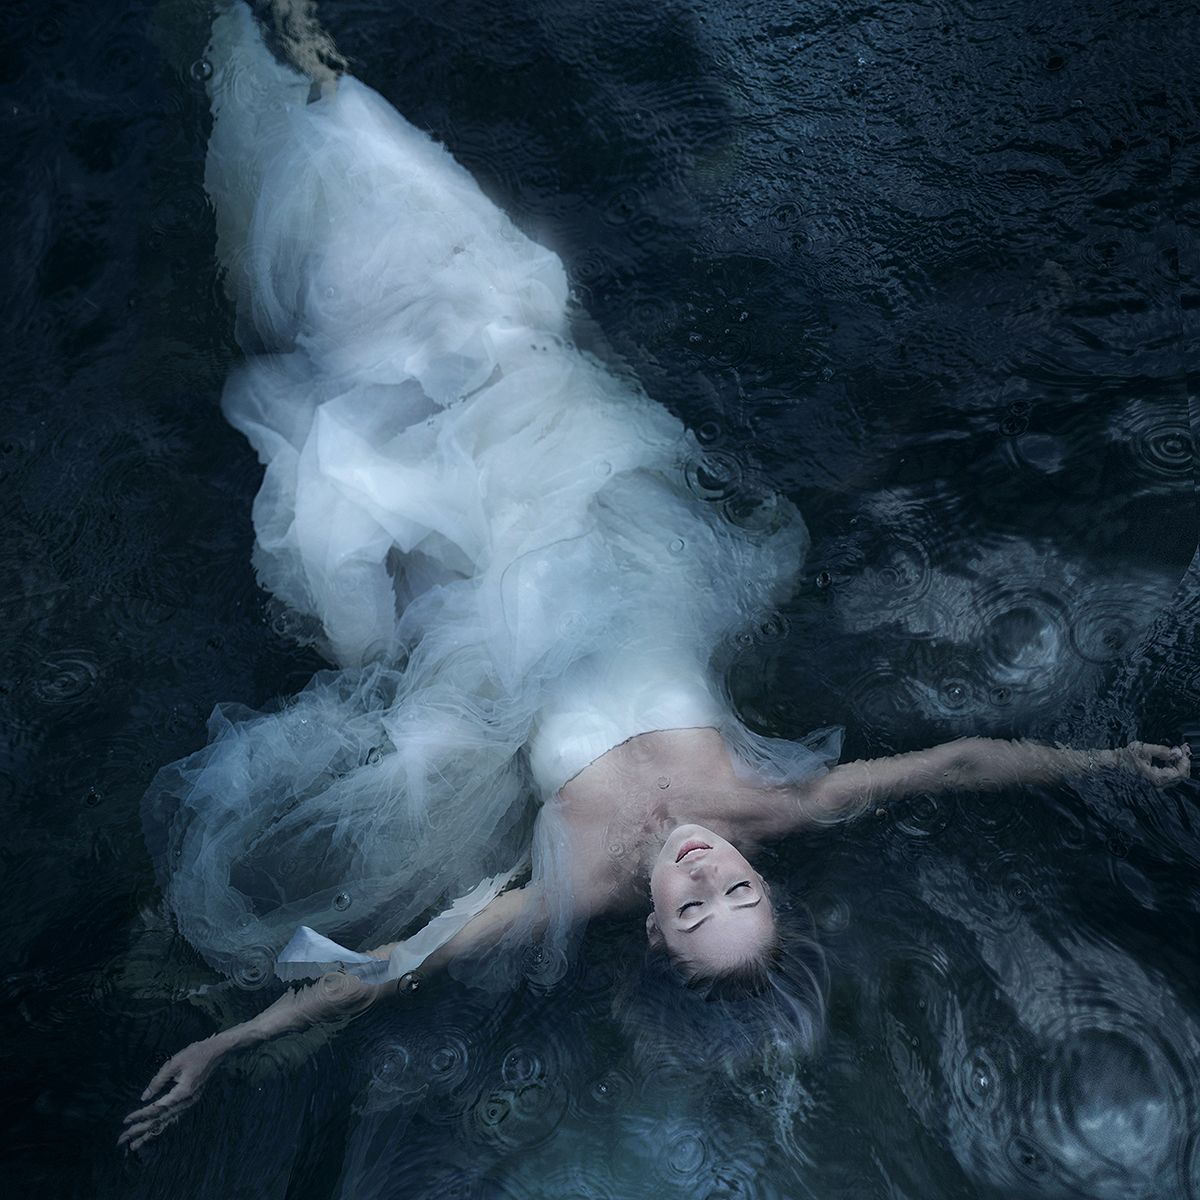 Фото Девушка лежит в воде, фотограф Екатерина Ромакина